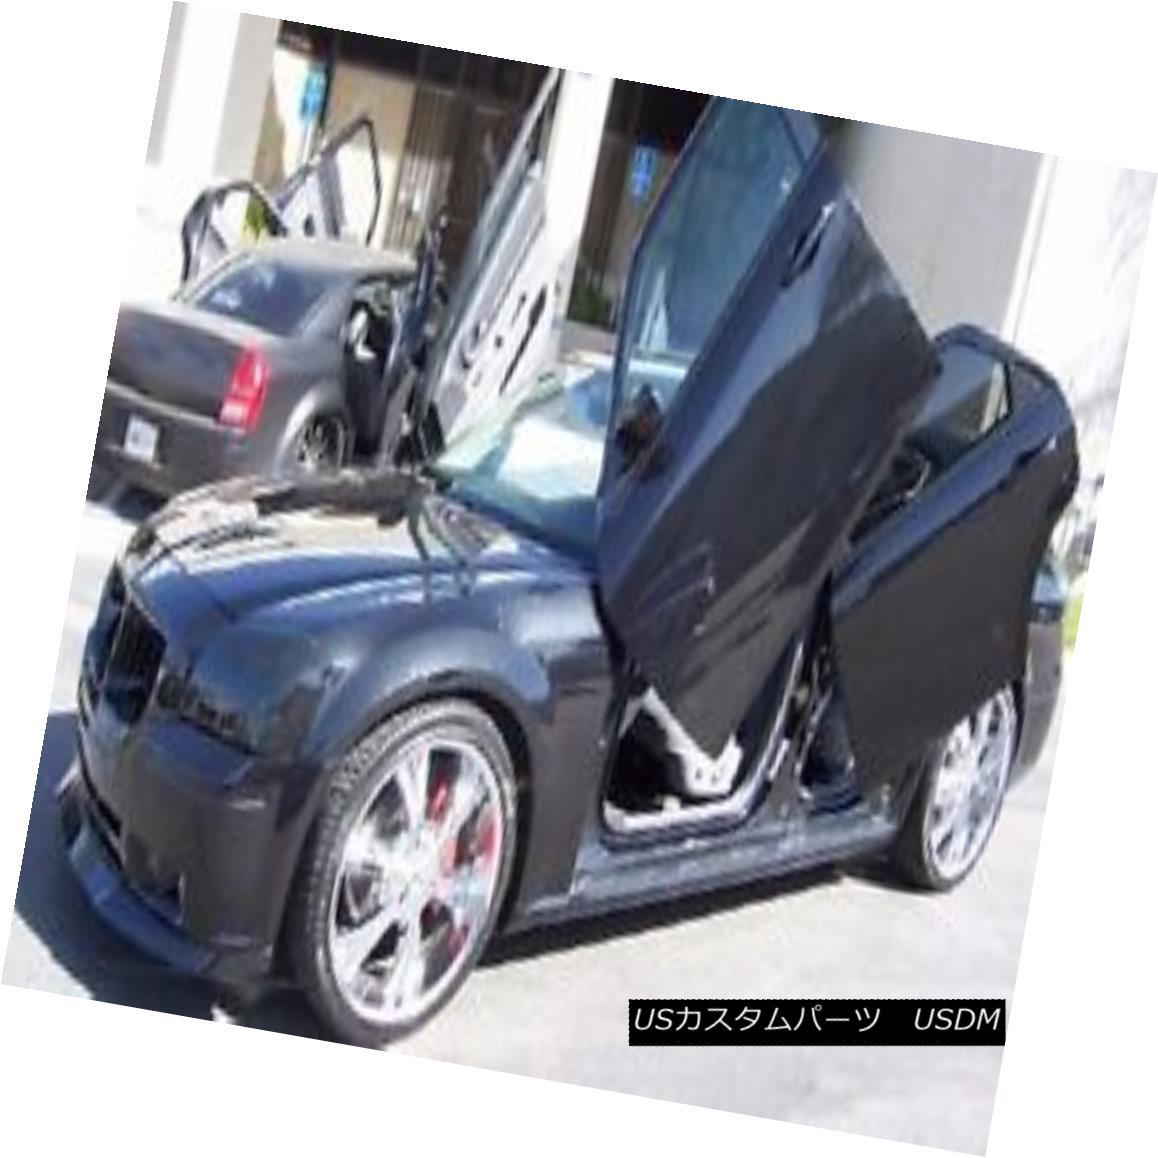 ガルウィングキット Dodge Magnum 2004-2008 REAR vertical doors inc bolt on lambo door kit IN STOCK ダッジ・マグナム2004-2008 REAR垂直ドアインボボルト・ランボ・ドア・キットIN STOCK